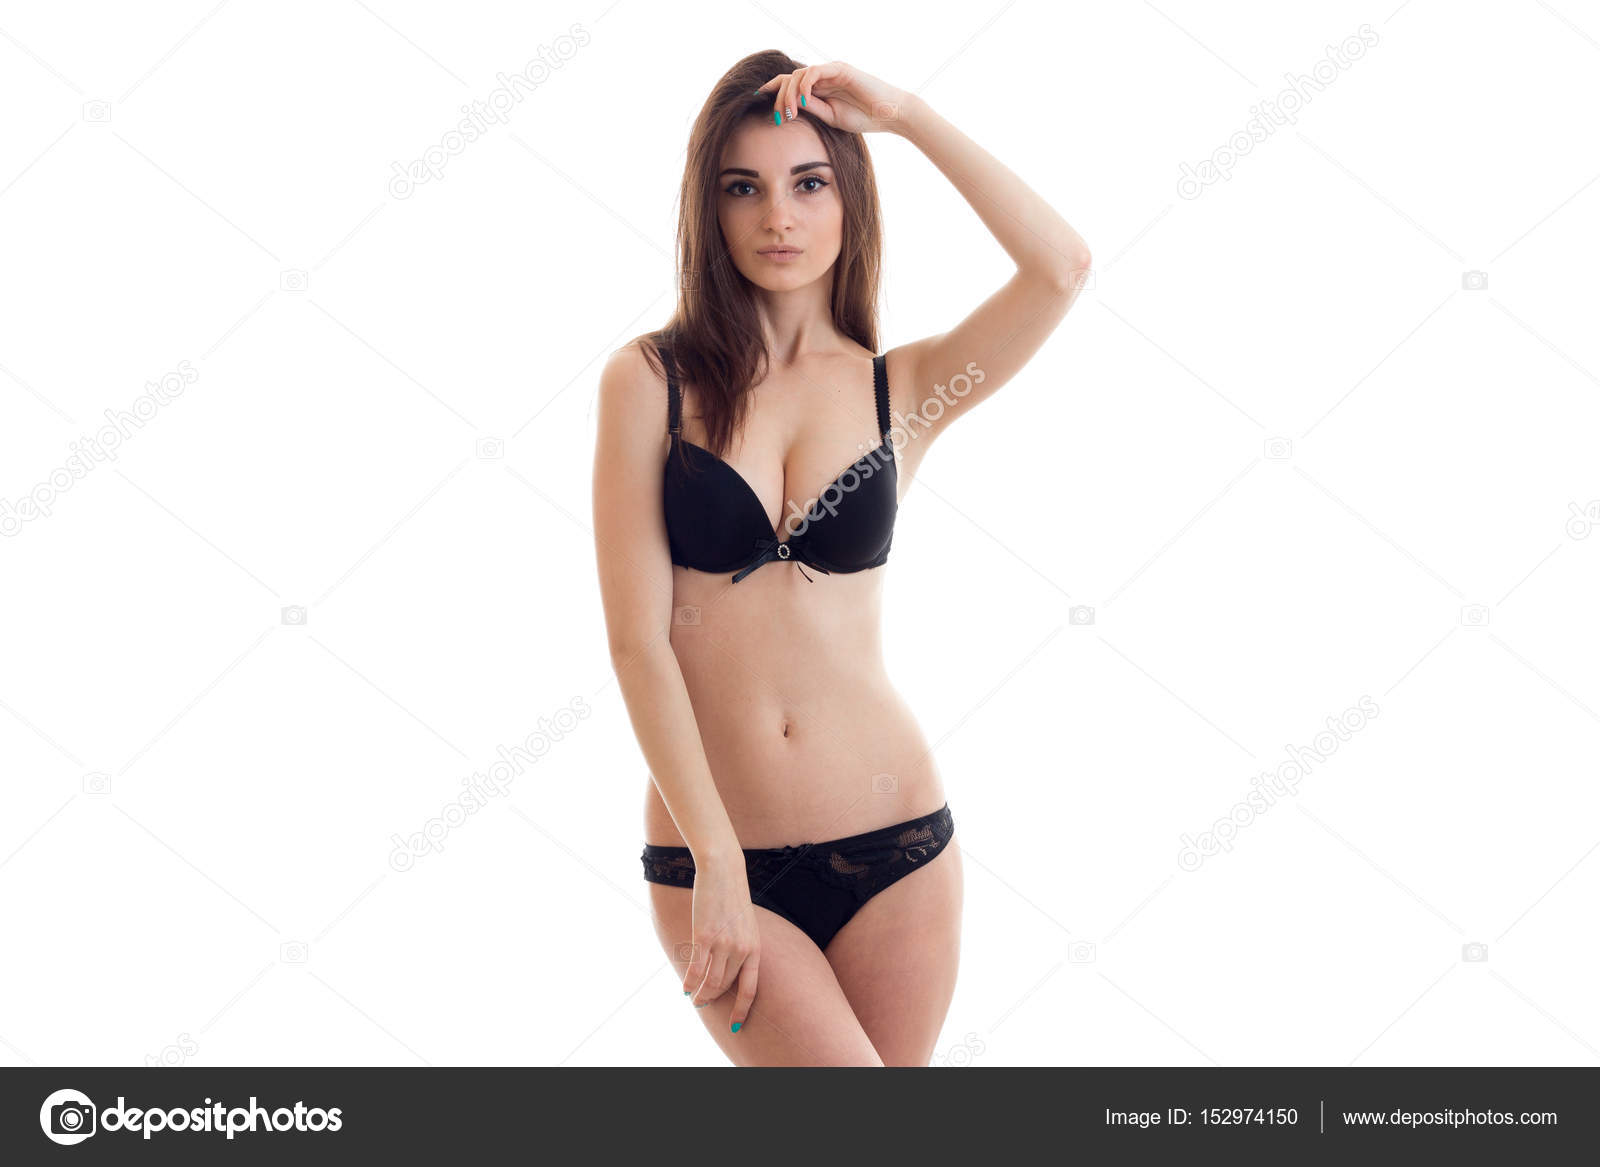 6f82c59c6a giovane bella bruna in lingerie nera con corpo snello in posa sulla ...